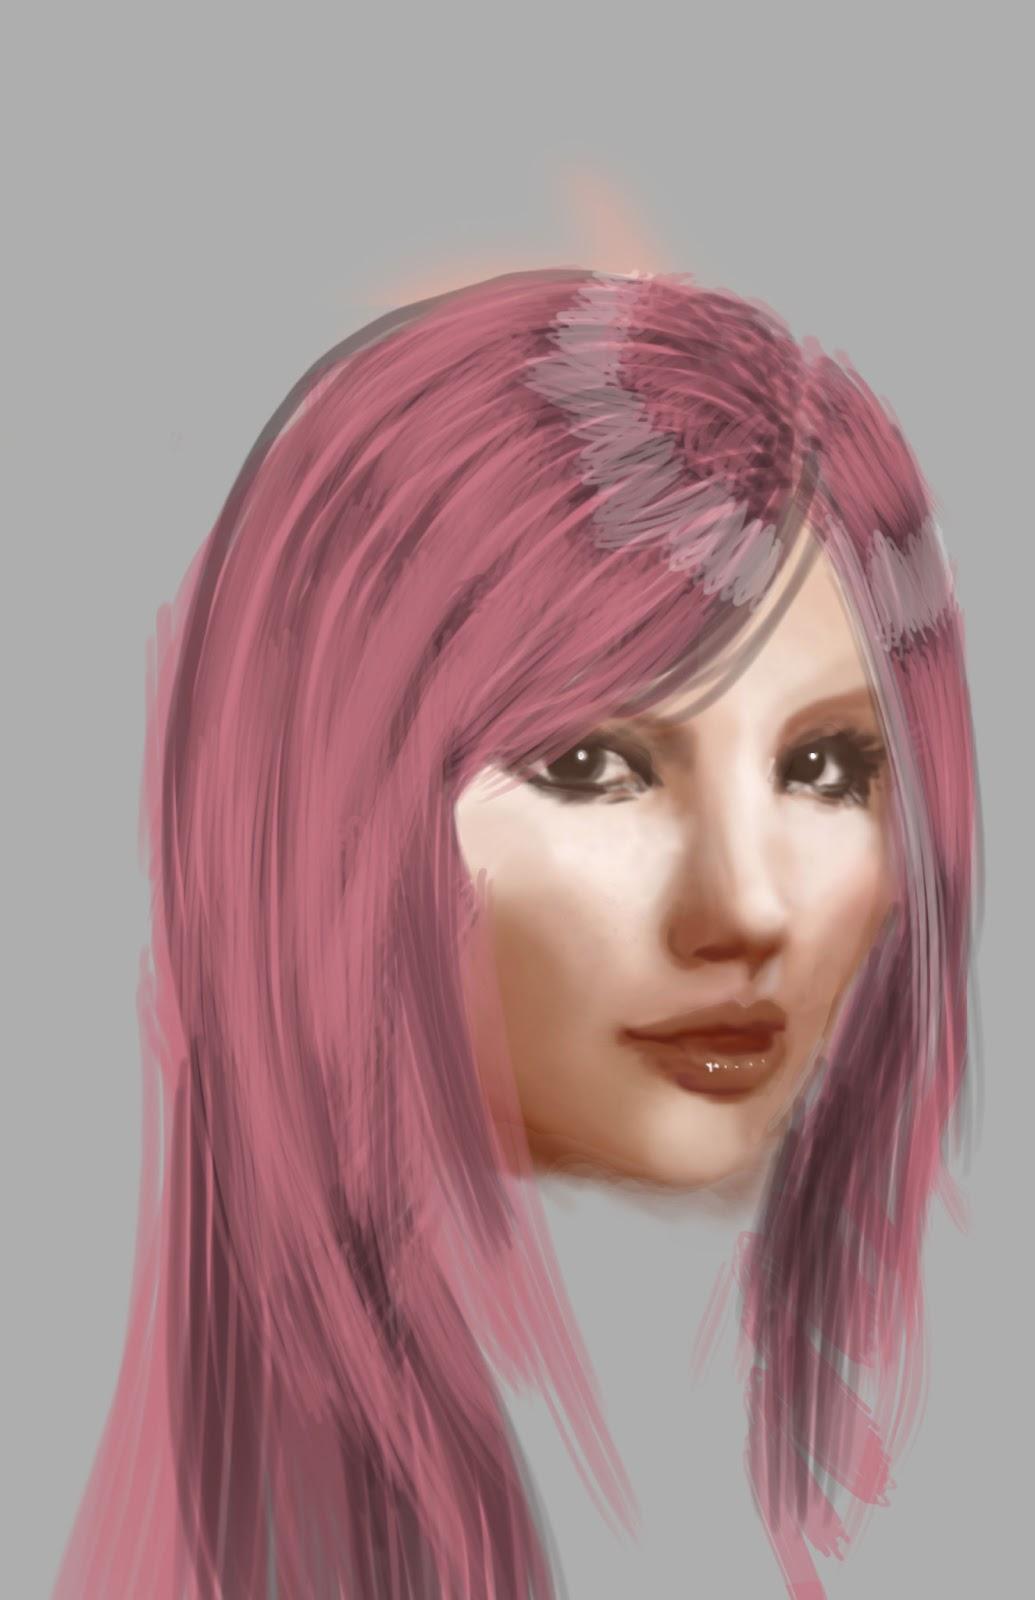 http://3.bp.blogspot.com/-U6gXuZle-eI/UP-SjVhCmdI/AAAAAAAAC0w/8Lby7NqrCYg/s1600/01222013-TaylorSwift+2.jpg